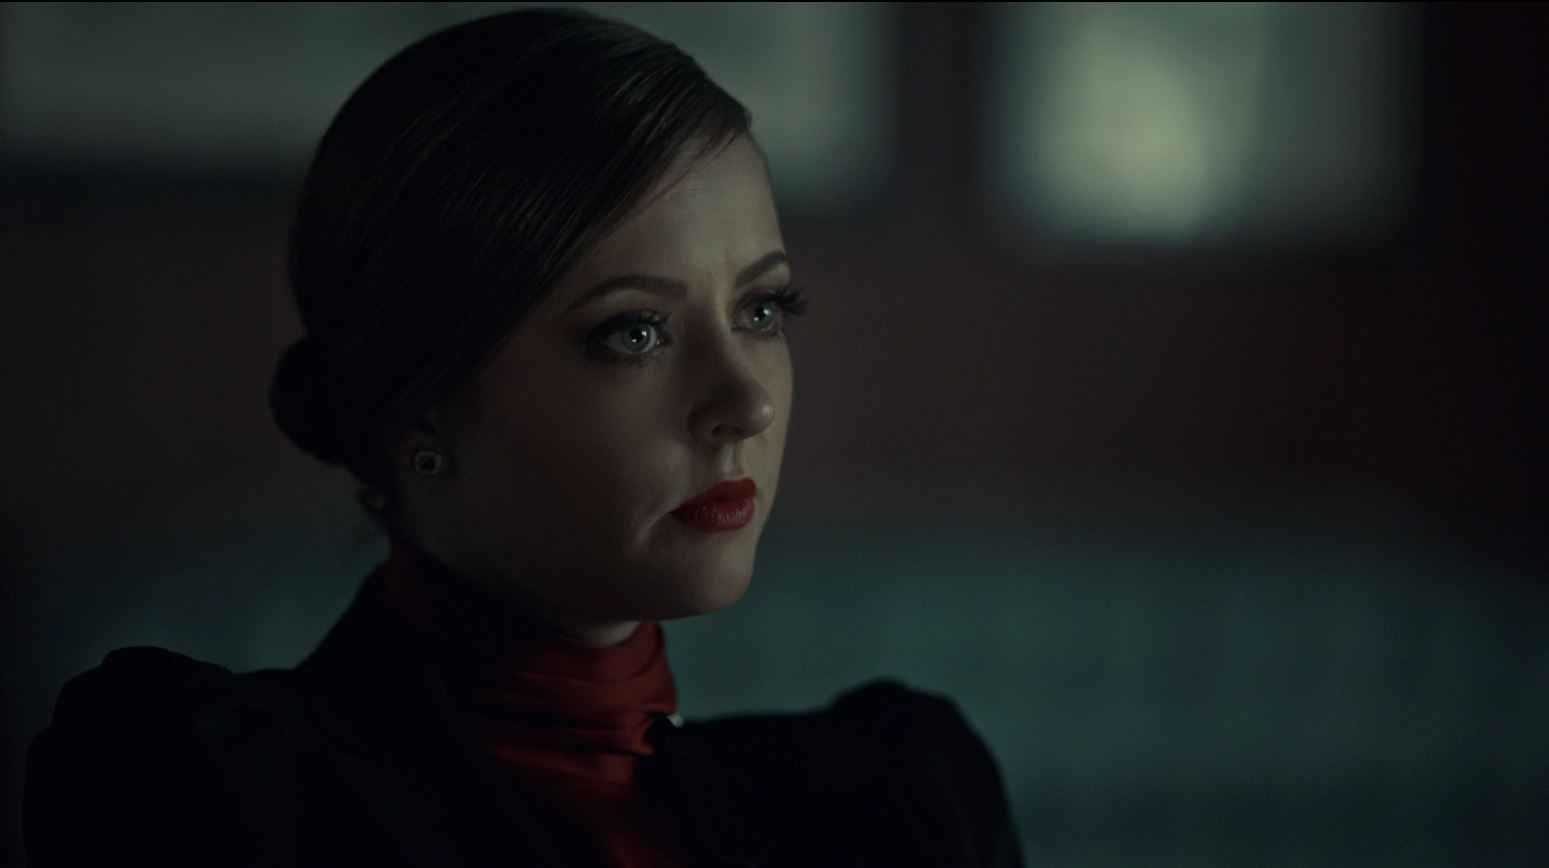 Hannibal Season 2 Episode 8 Su-zakana - Katharine Isabelle  as Margot